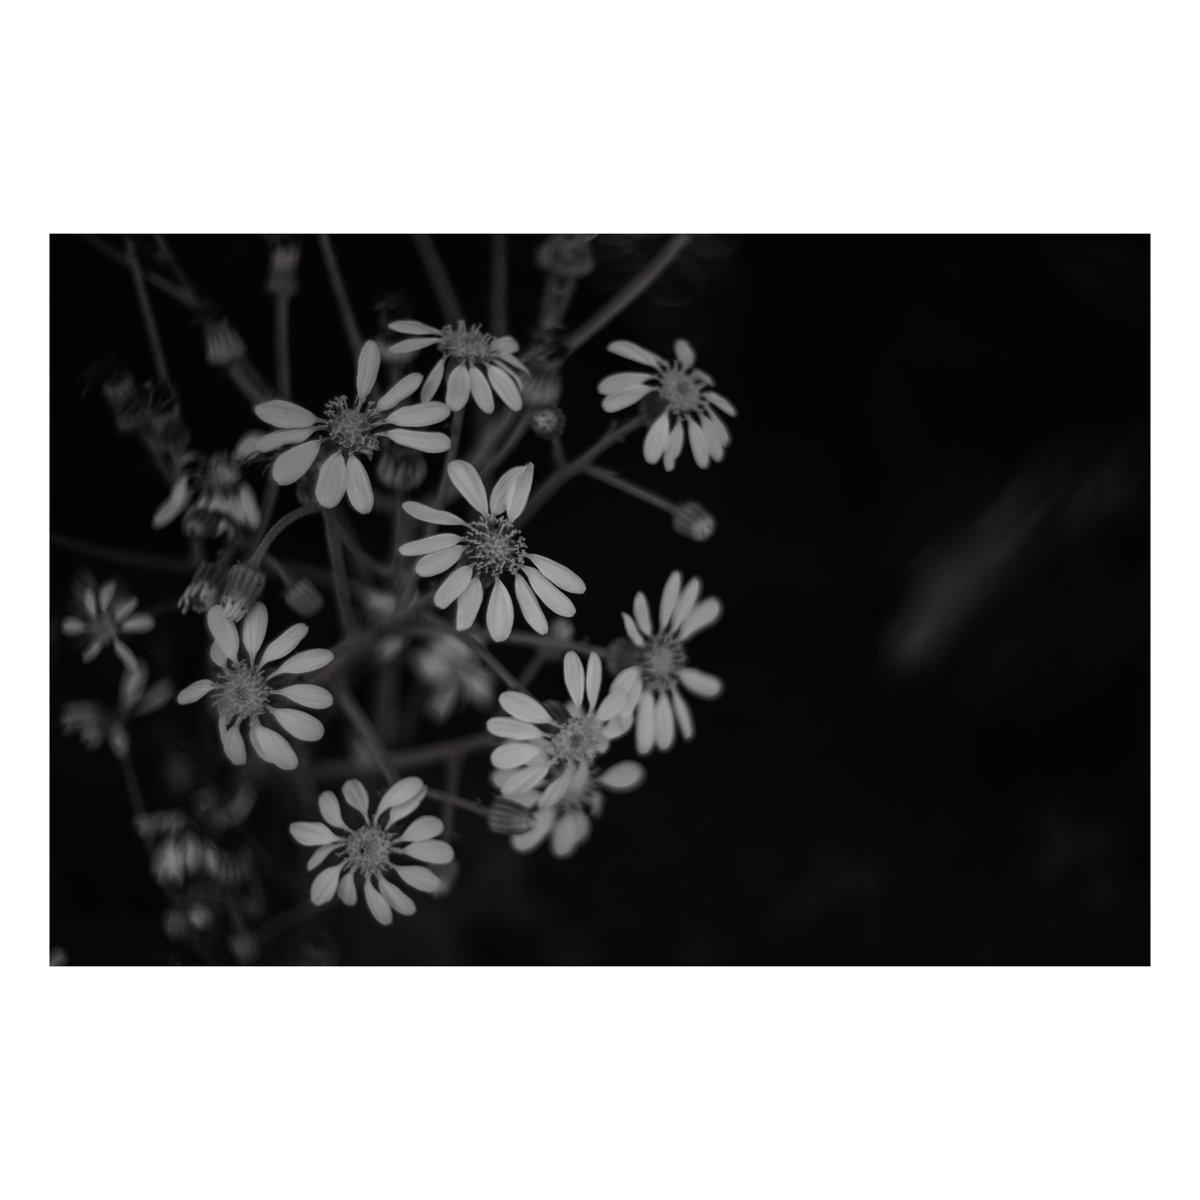 沈黙。 #写真 #ファインダー越しの私の世界  #写真シェア #写真好きと繋がりたい #monochrome #モノクロ #モノクロの世界 #Nikon #Z6 #Summitar #沖縄 #お写ん歩  #vsco #花